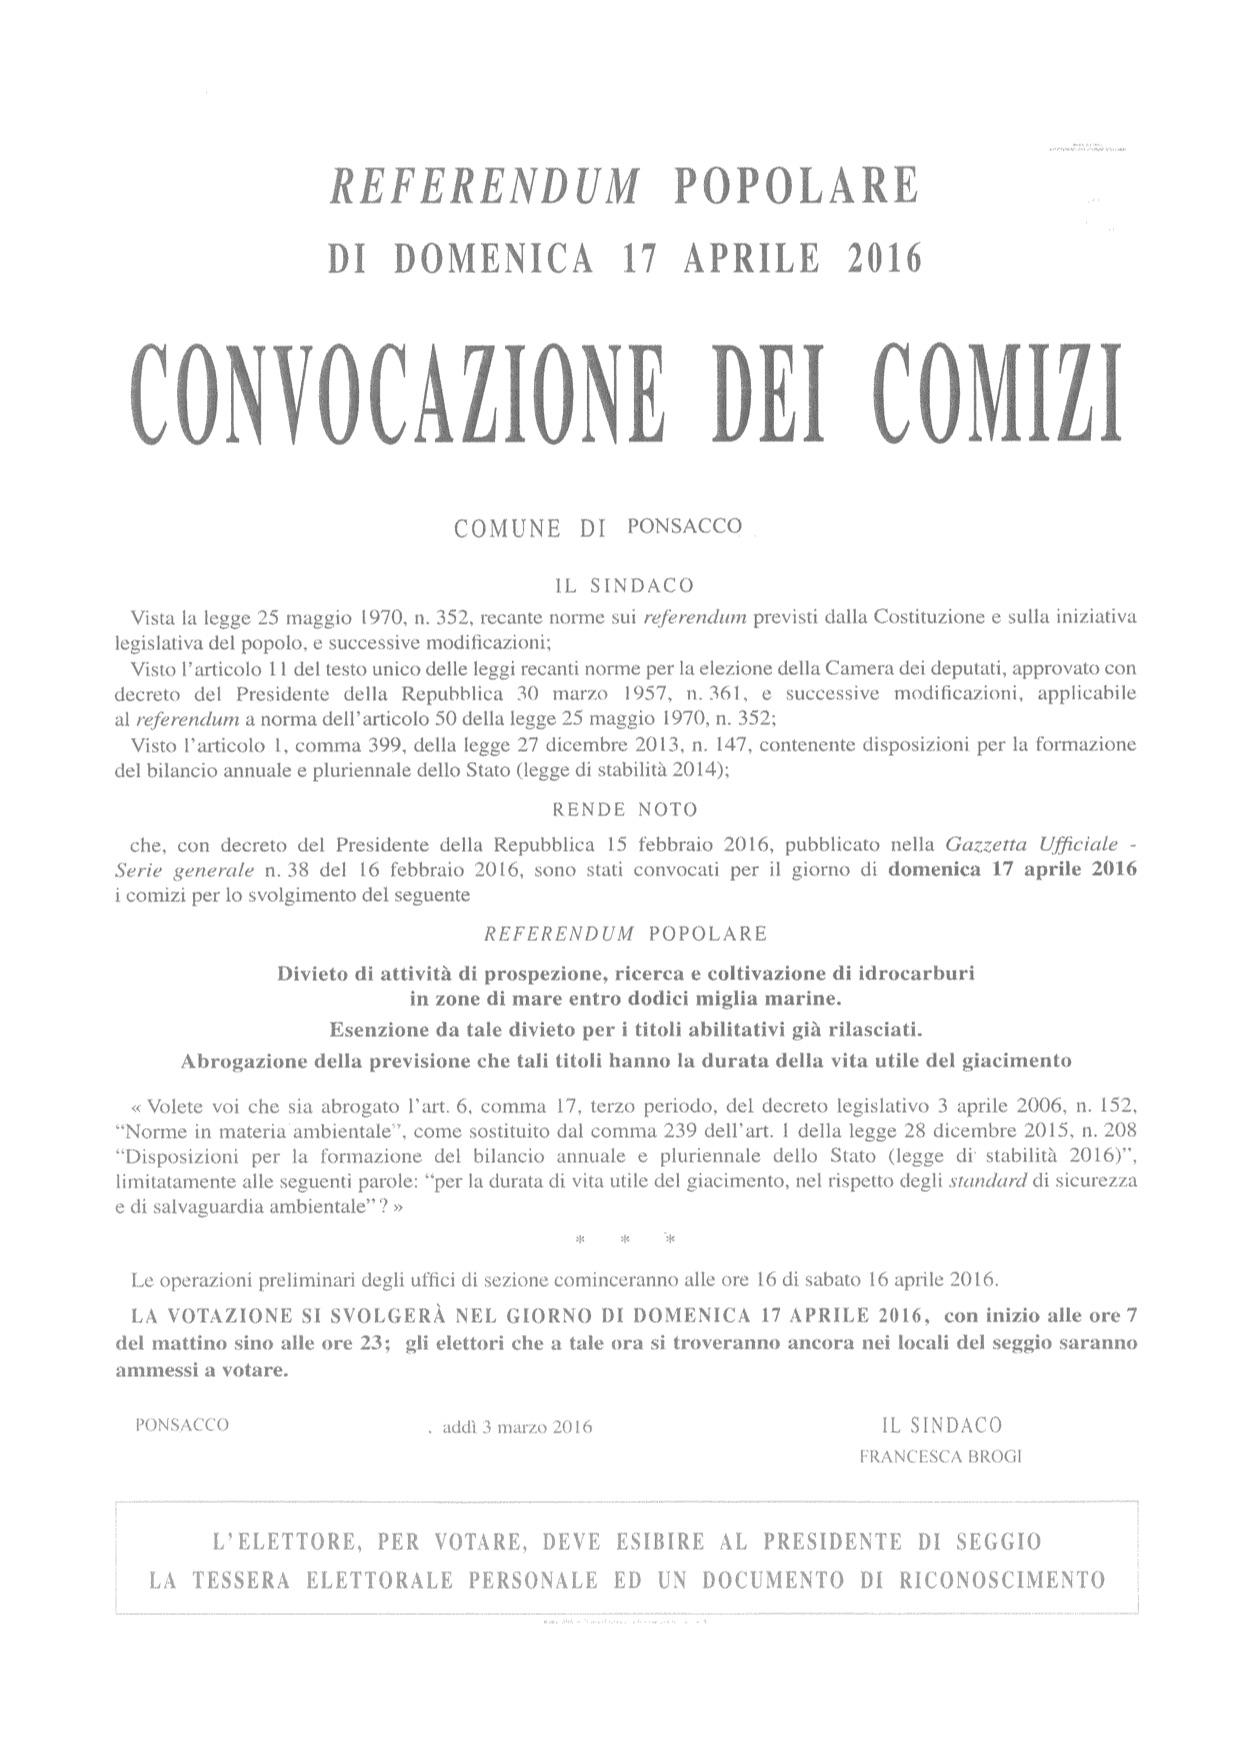 REFERENDUM MANIFESTO CONVOCAZIONE DEI COMIZI